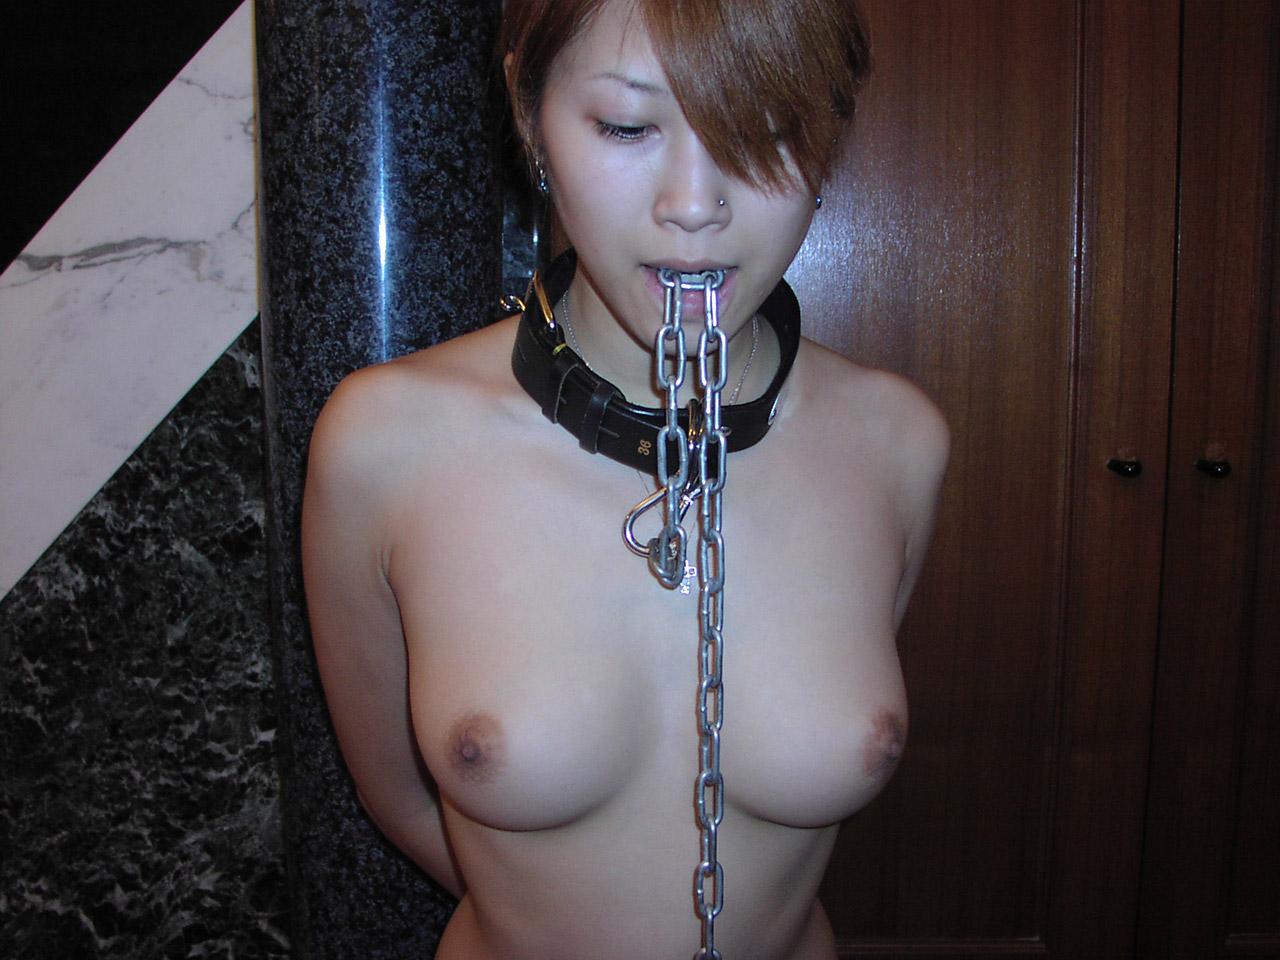 【首輪エロ画像】Mすぎてペットになった女が首輪つけて調教されていると聞いてwww 33